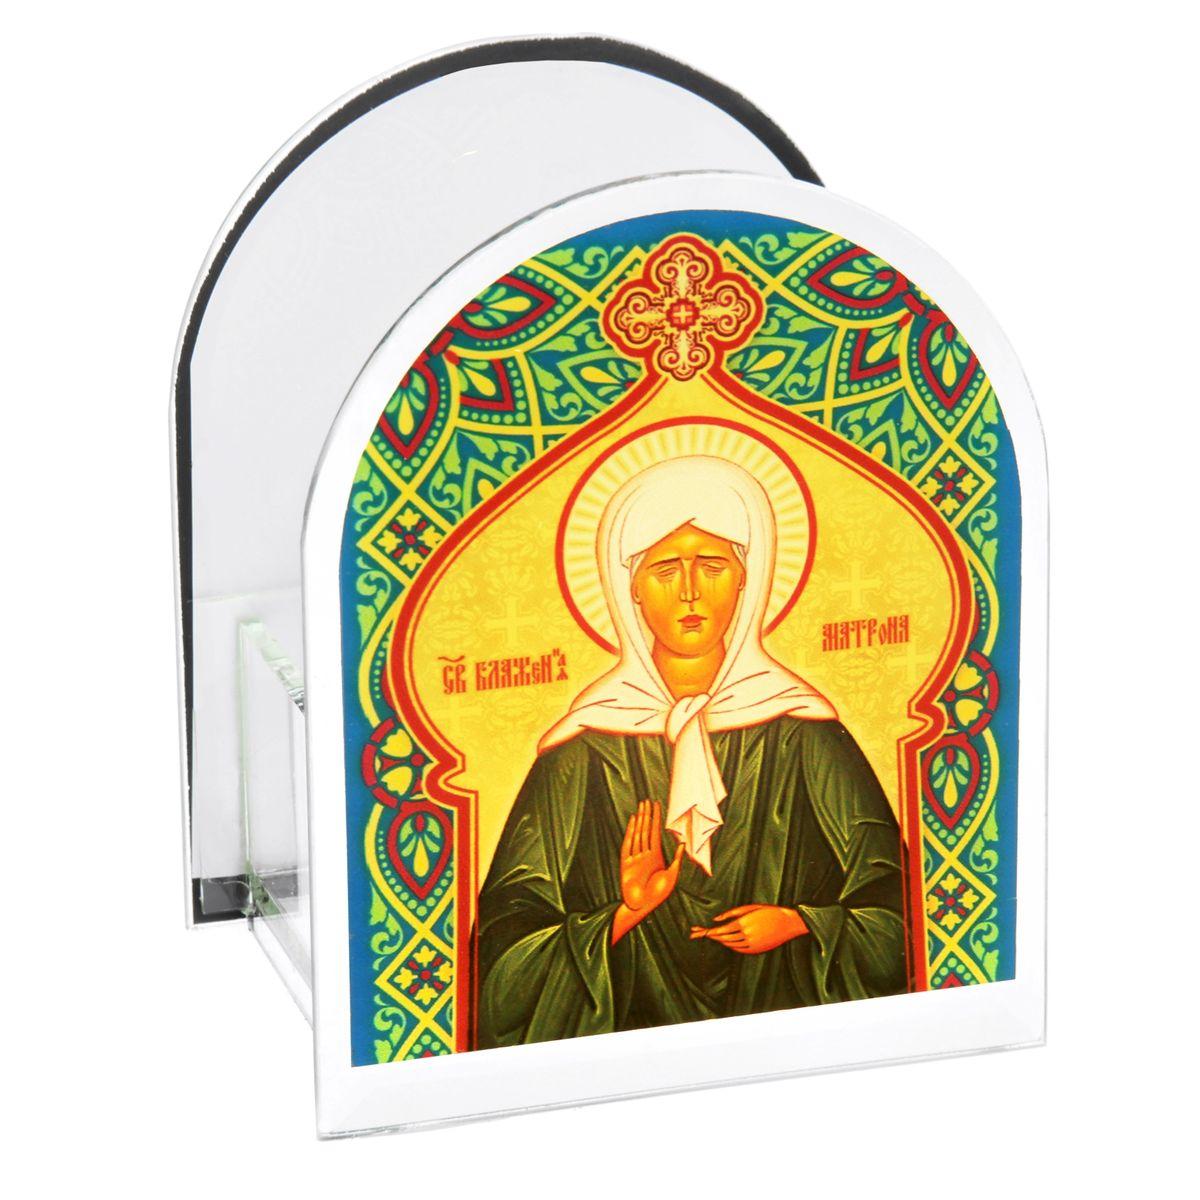 Подсвечник Sima-land Святая Матрона Московская12723Подсвечник Sima-land Святая Матрона Московская изготовлен из качественного стекла, предназначен для свечи в гильзе. С одной стороны подсвечника изображен лик святого, с другой стороны нанесена молитва. Зажгите свечку поставьте ее в подсвечник и наслаждайтесь теплом, которое наполнит ваше сердце.Такой подсвечник привнесет в ваш дом согласие и мир и будет прекрасным подарком, оберегающим близких вам людей. Размер подсвечника (ДхШхВ): 9 см х 7 см х 11 см.Диаметр отверстия для свечи: 4,5 см.